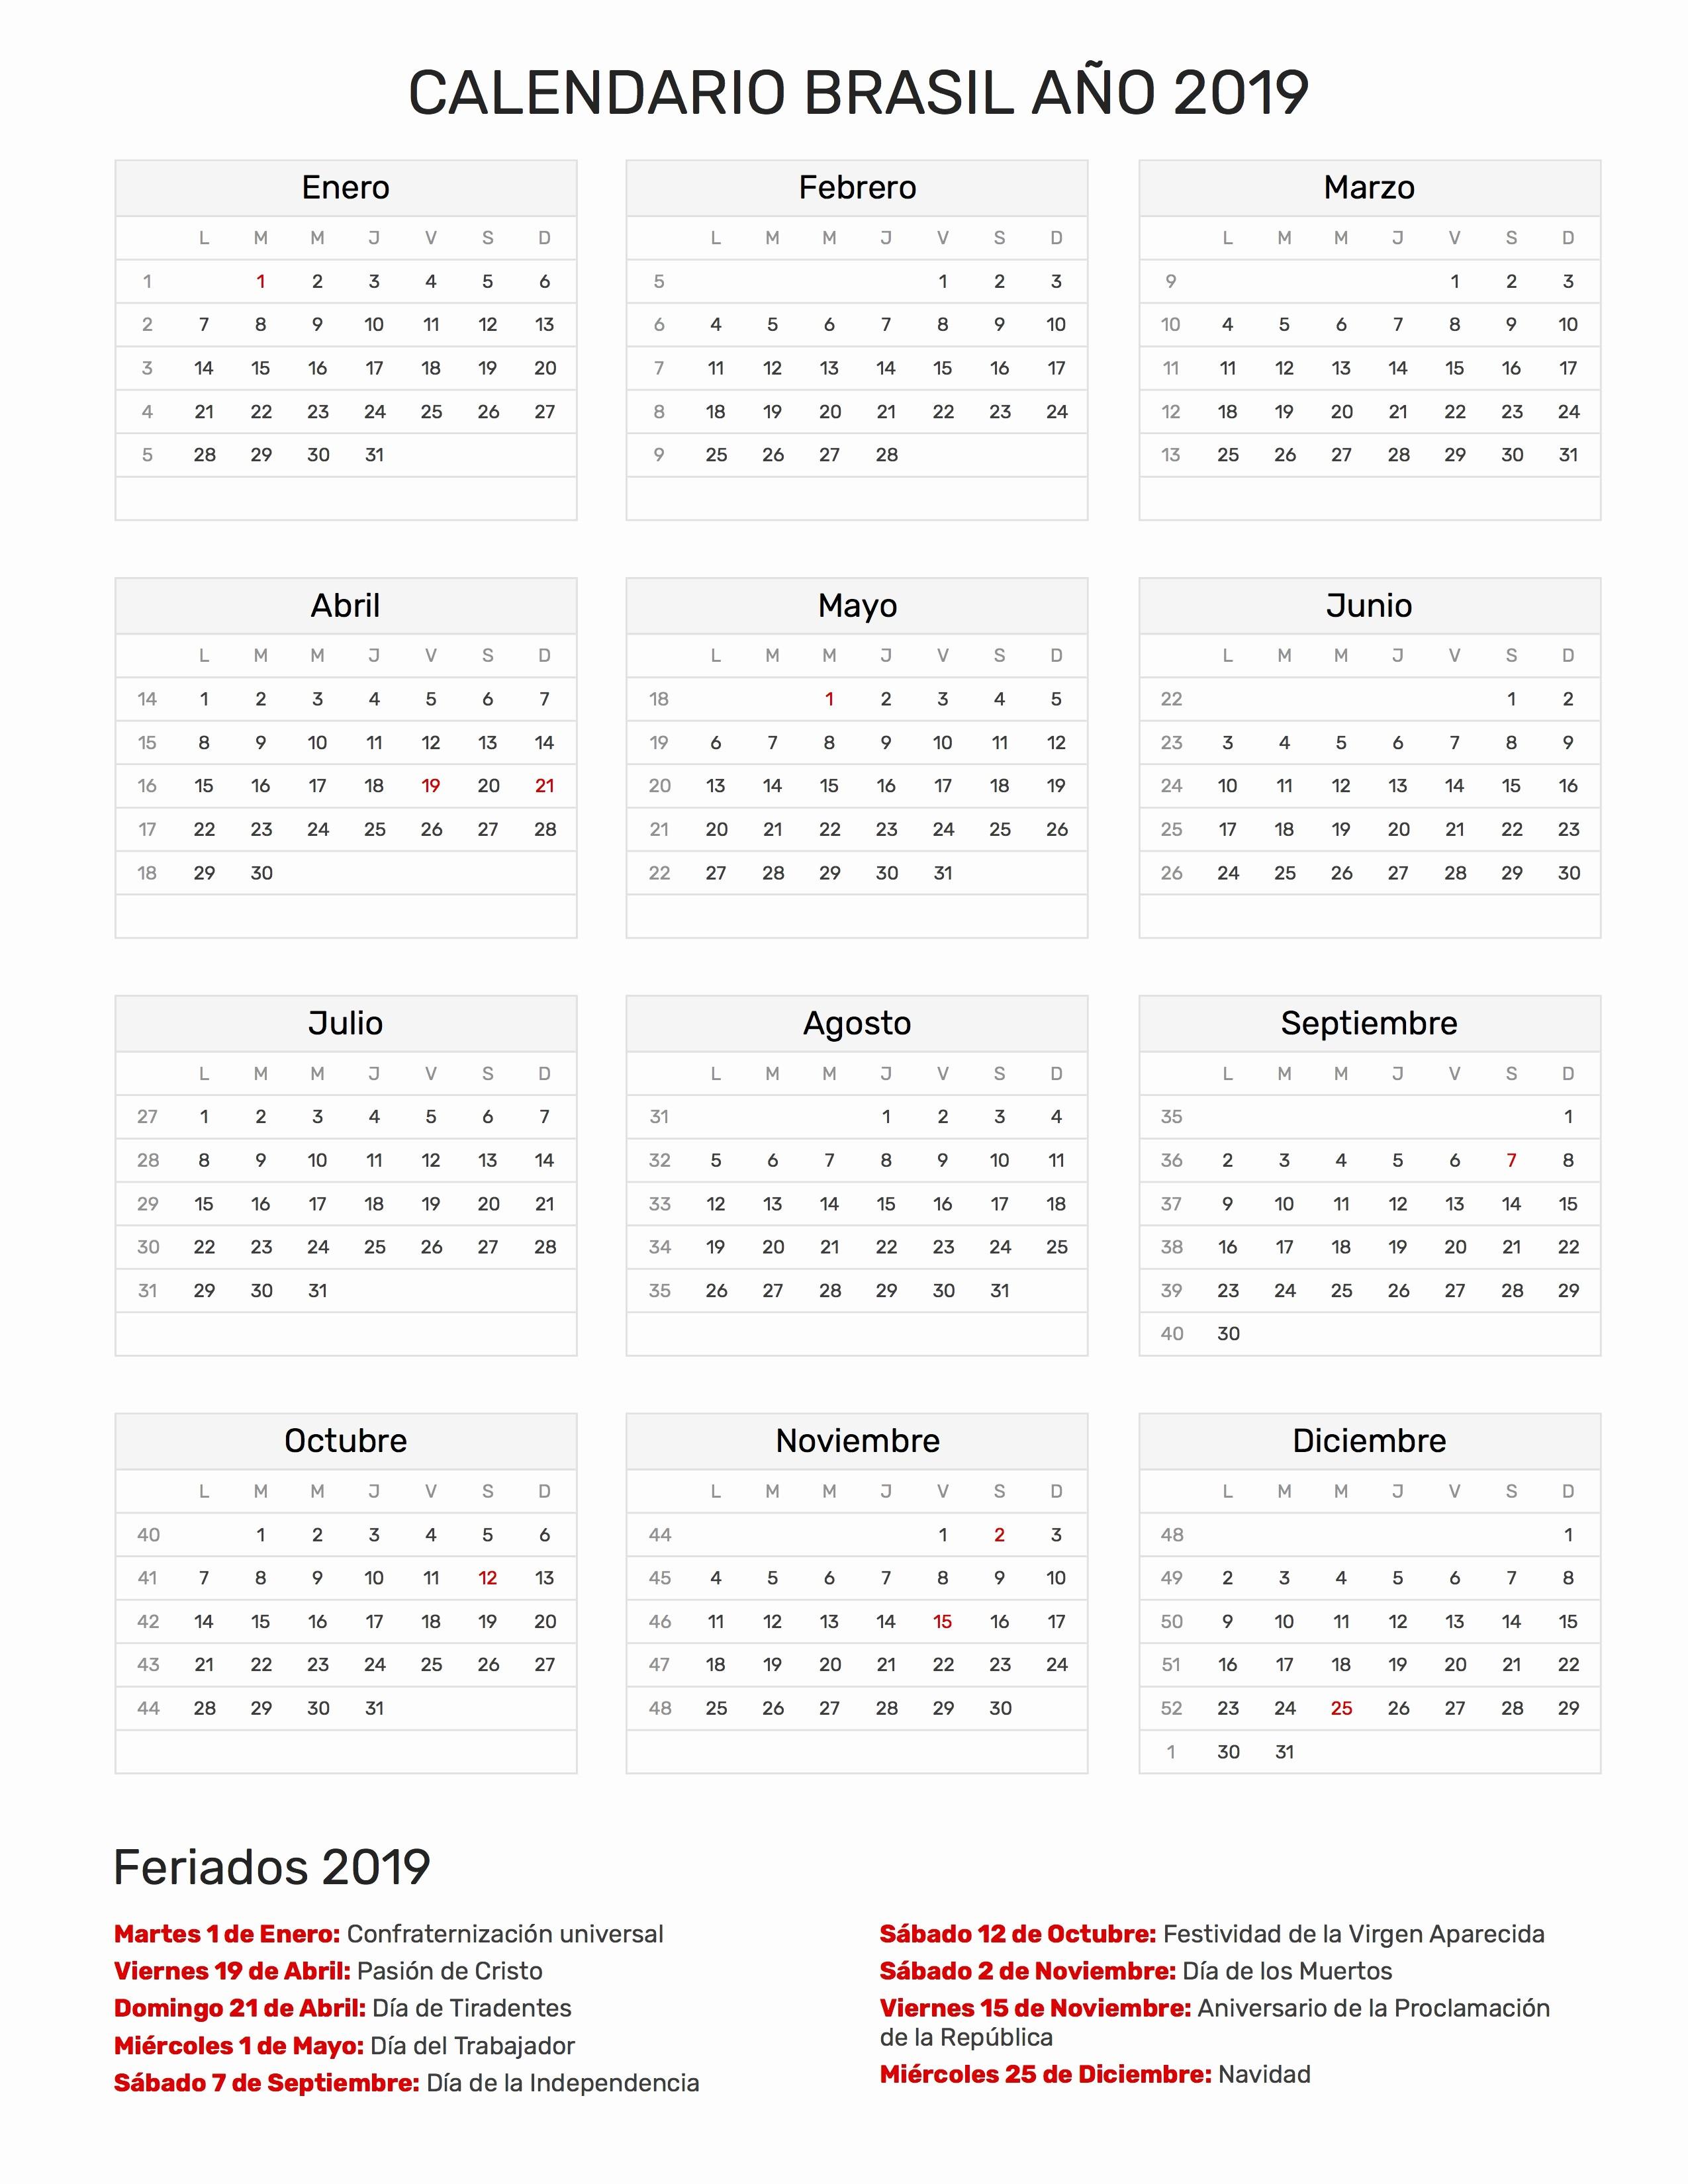 Calendario De Trimestres De Embarazo 2019 Calendario Brasil Ano 2019 Feriados